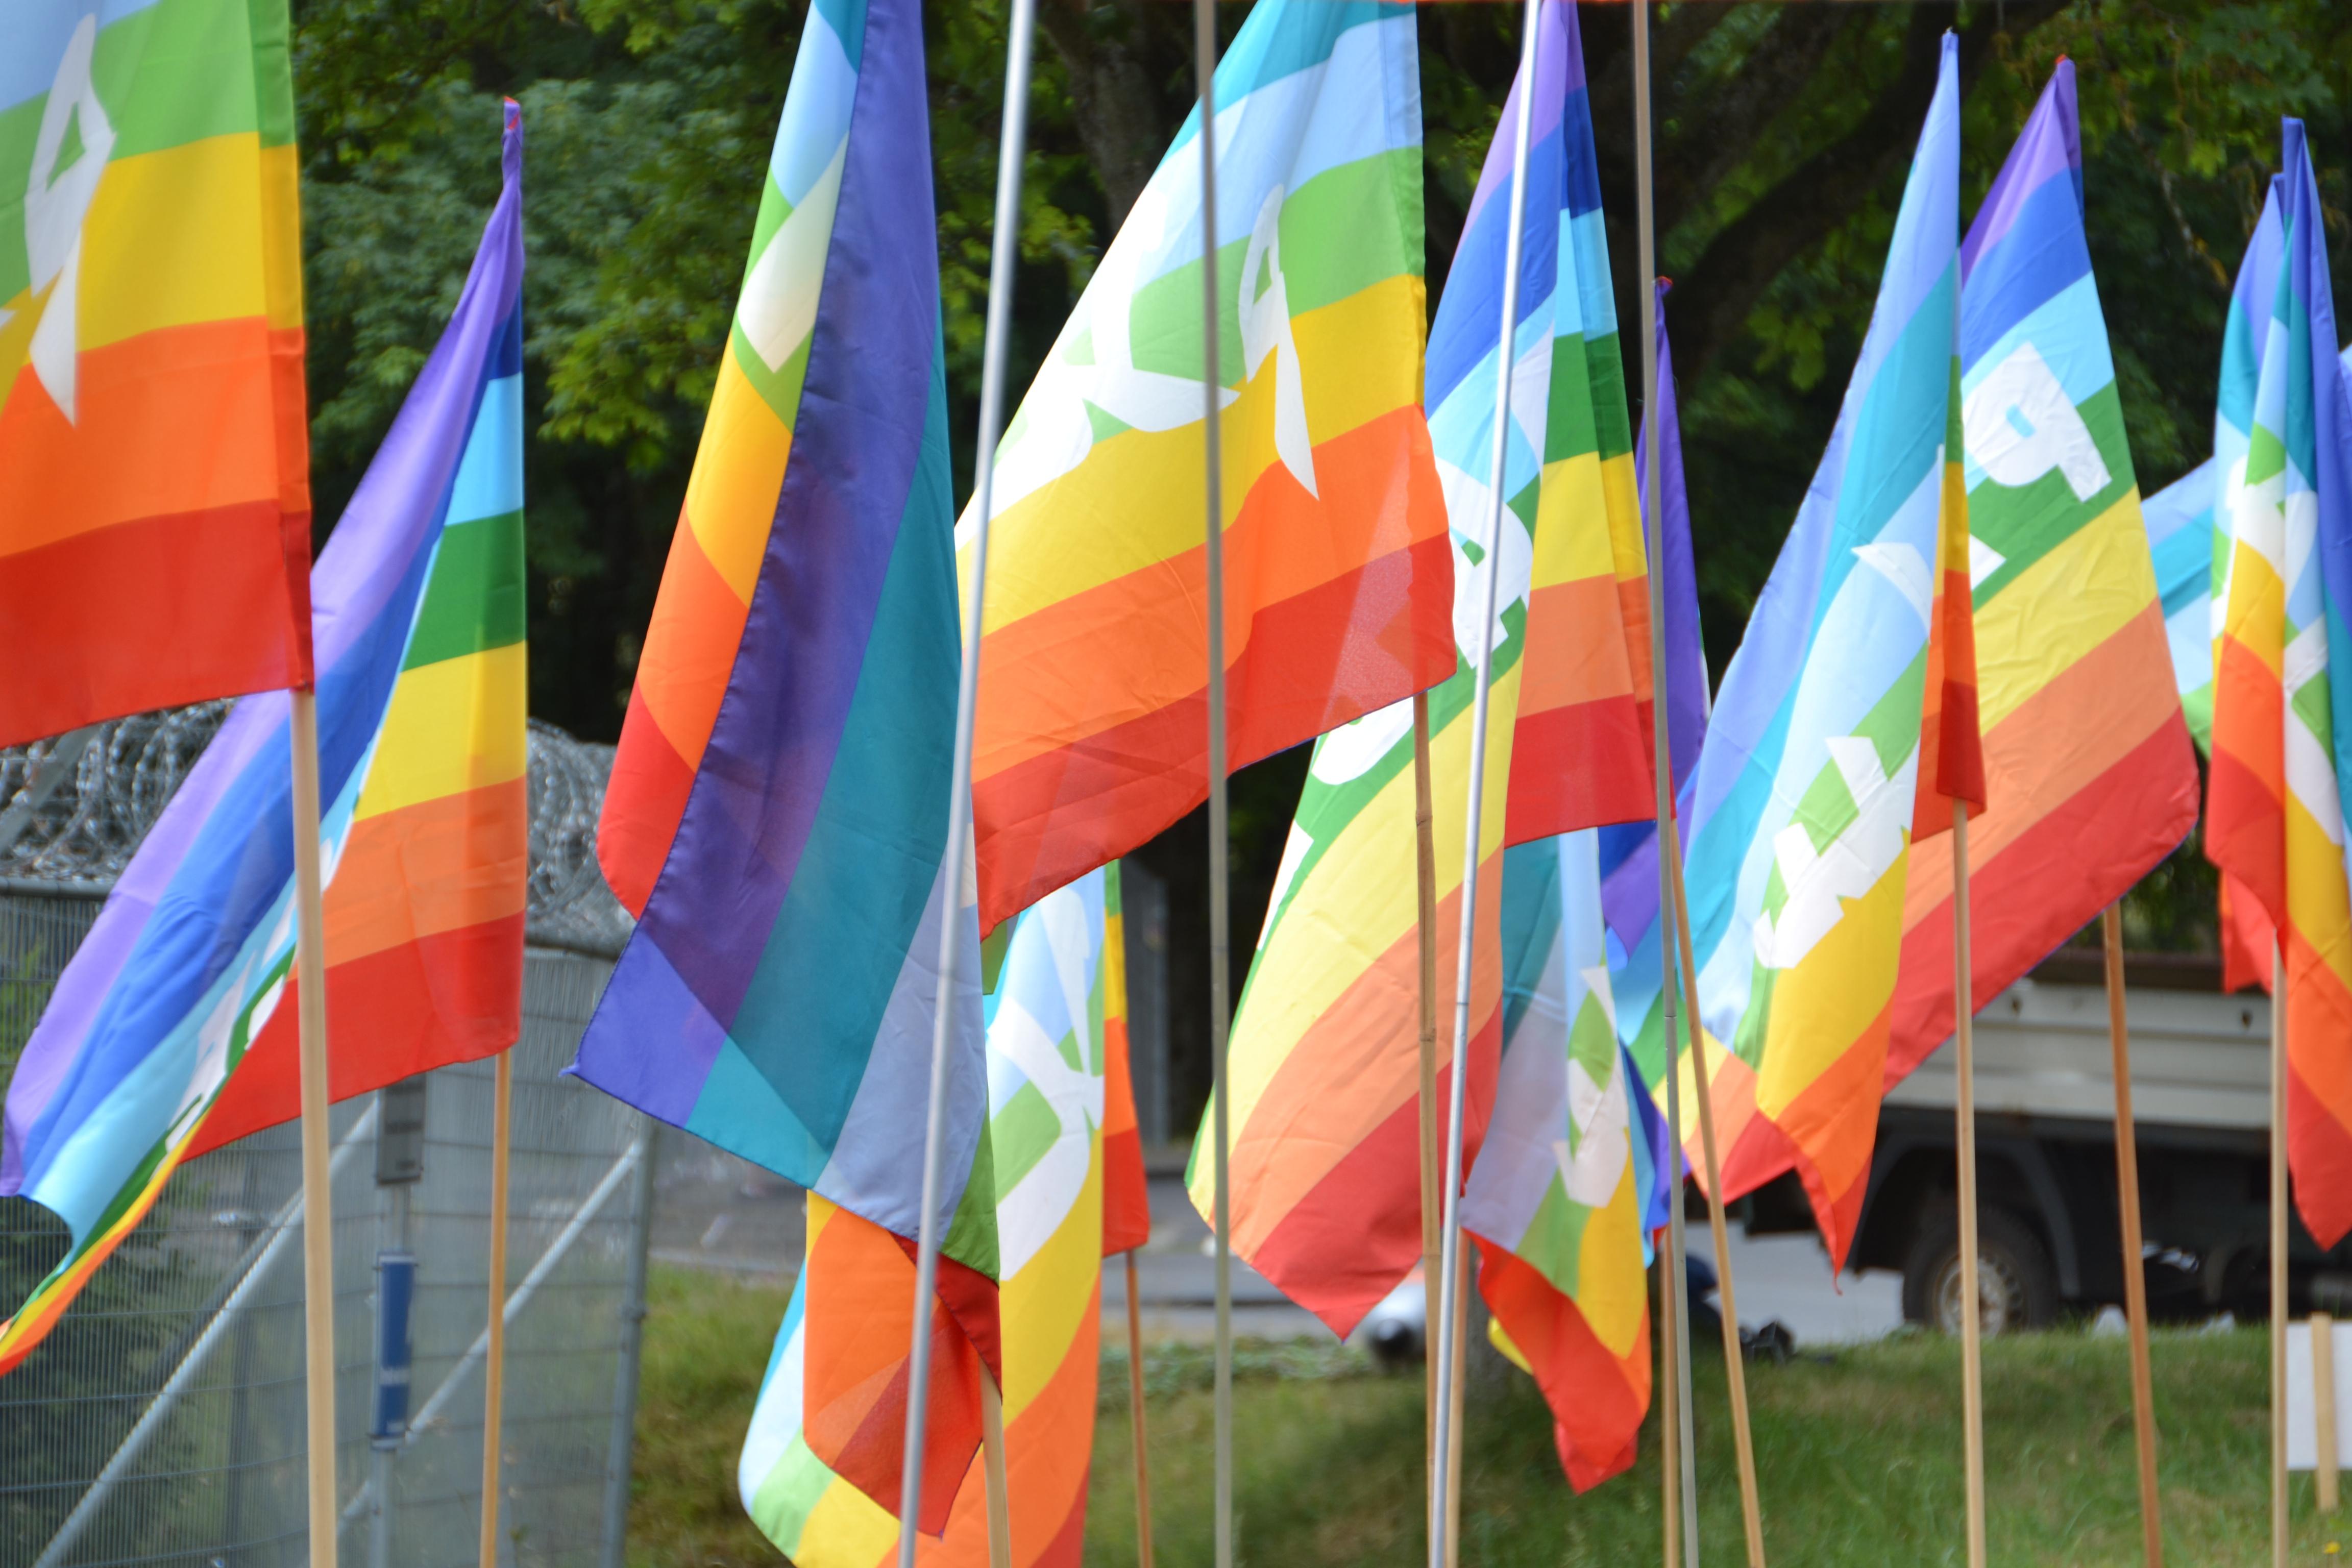 Mehrere regenbogenfarbig leuchtende Friedensflaggen, die an langen, in eine Wiese gebohrten Stöcken hängen. Im Hintergrund ein Maschendrahtzaun mit einer Rolle NATO-Stacheldraht und dunkelgrüner Wald.